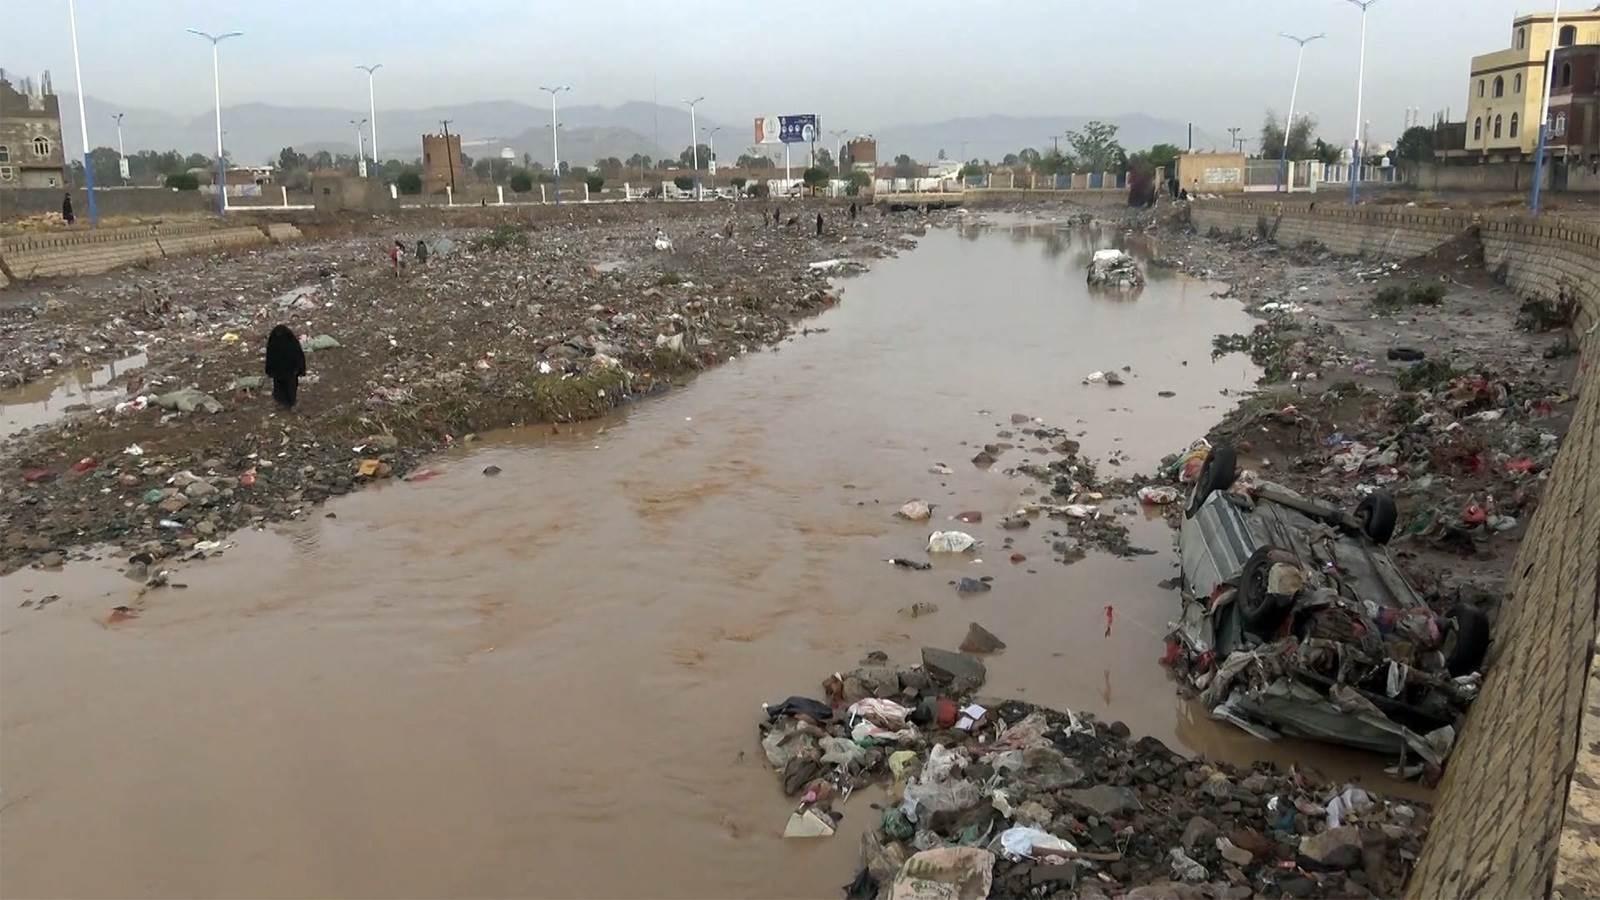 اليمن: انهيار وتضرر أكثر من 111 منزلاً في مدينة صنعاء جراء الأمطار الغزيرة